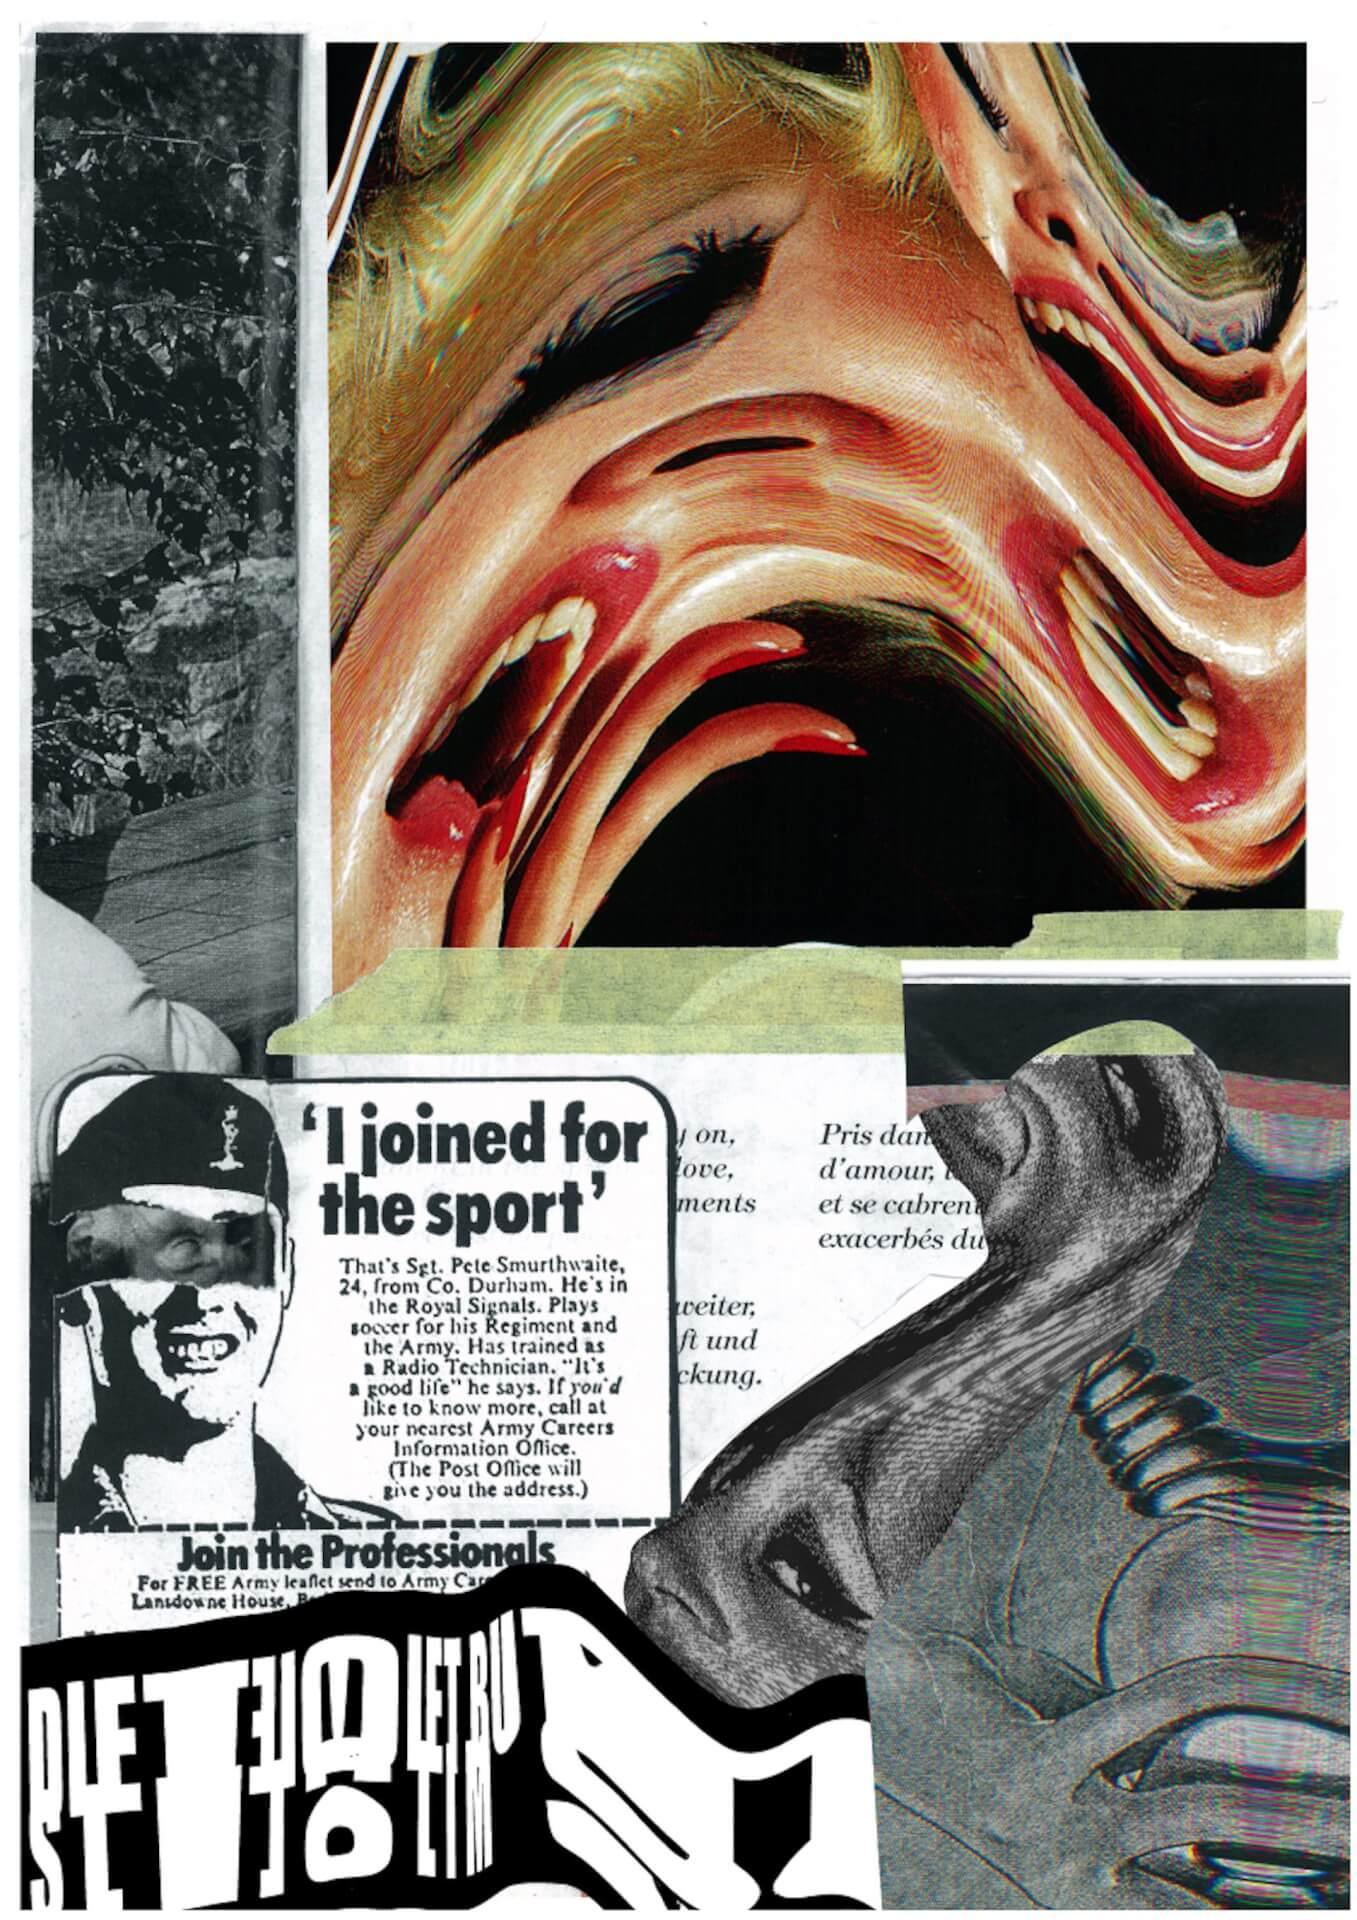 河村康輔、GUCCIMAZEの作品が服に!「DIET BUTCHER SLIM SKIN」20S/Sコレクションにてコラボアイテムがリリース lf200226_dietbutcherslimskin_03